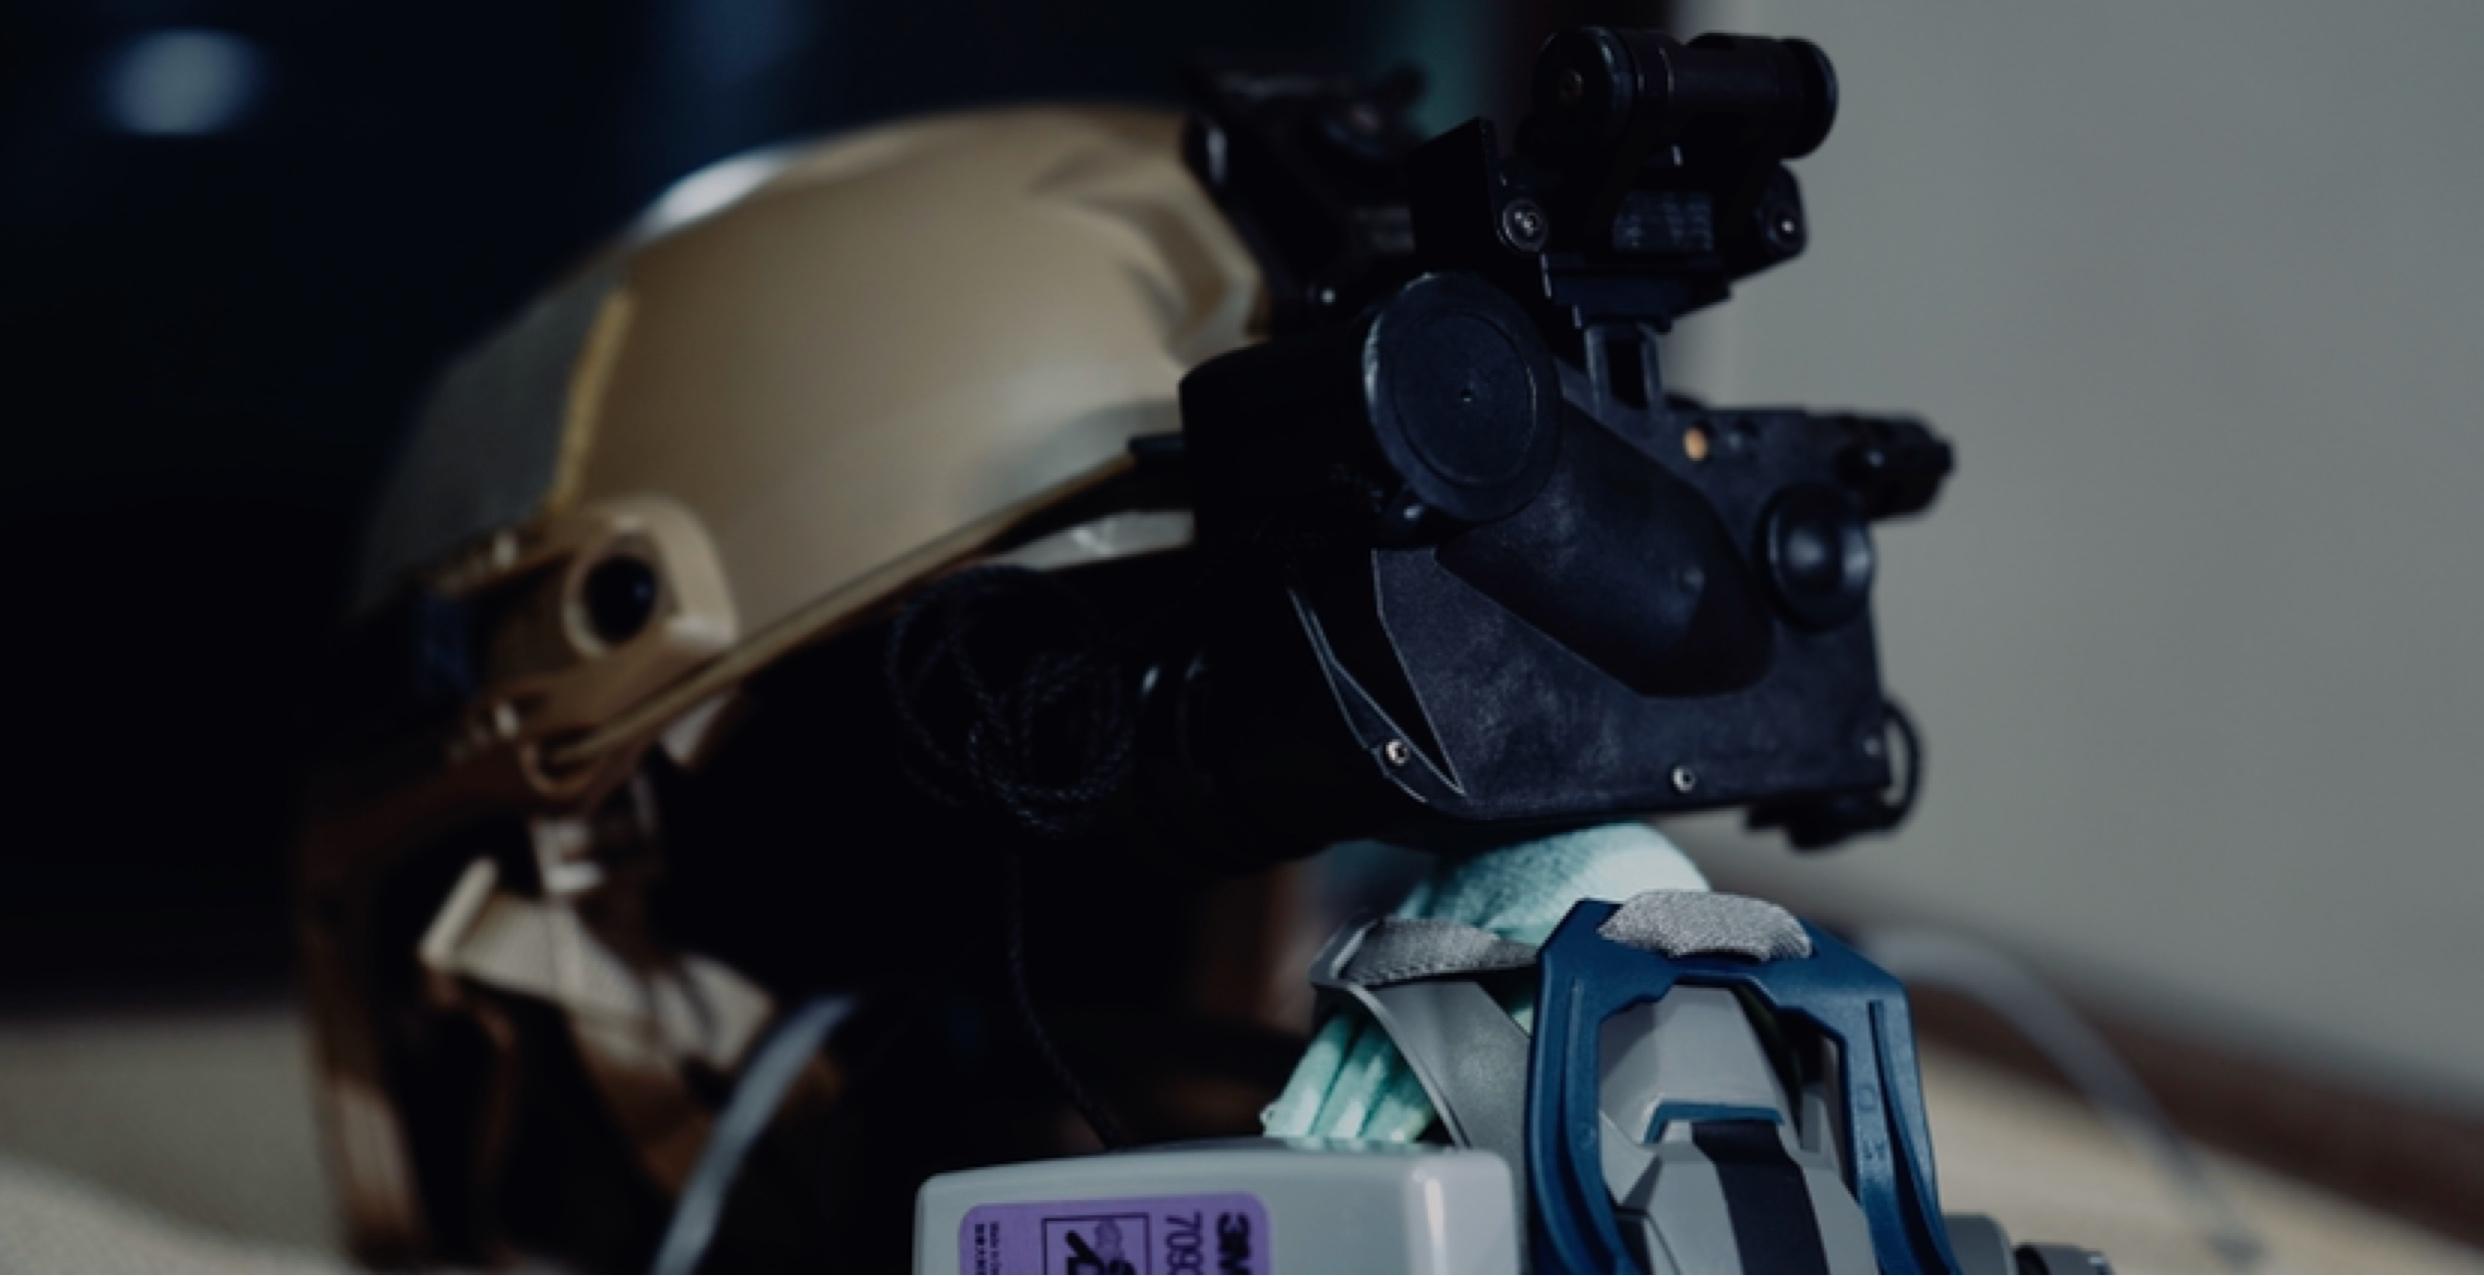 关于3M的几款面罩及滤罐的简明介绍